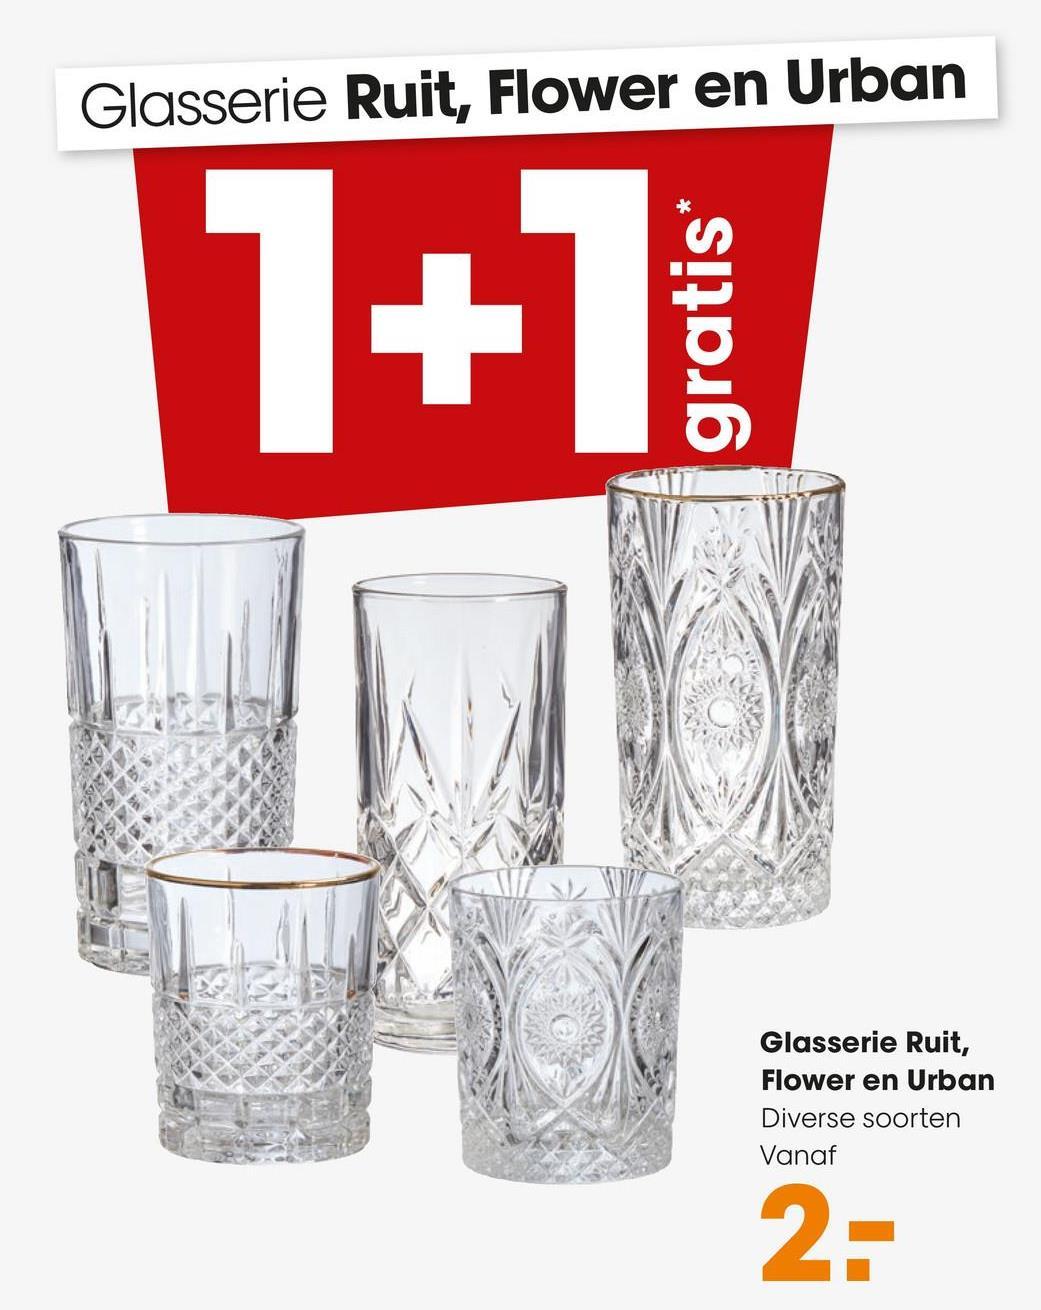 Drinkglas Ruit Helder Kristallook drinkglas met geslepen ruit patroon.